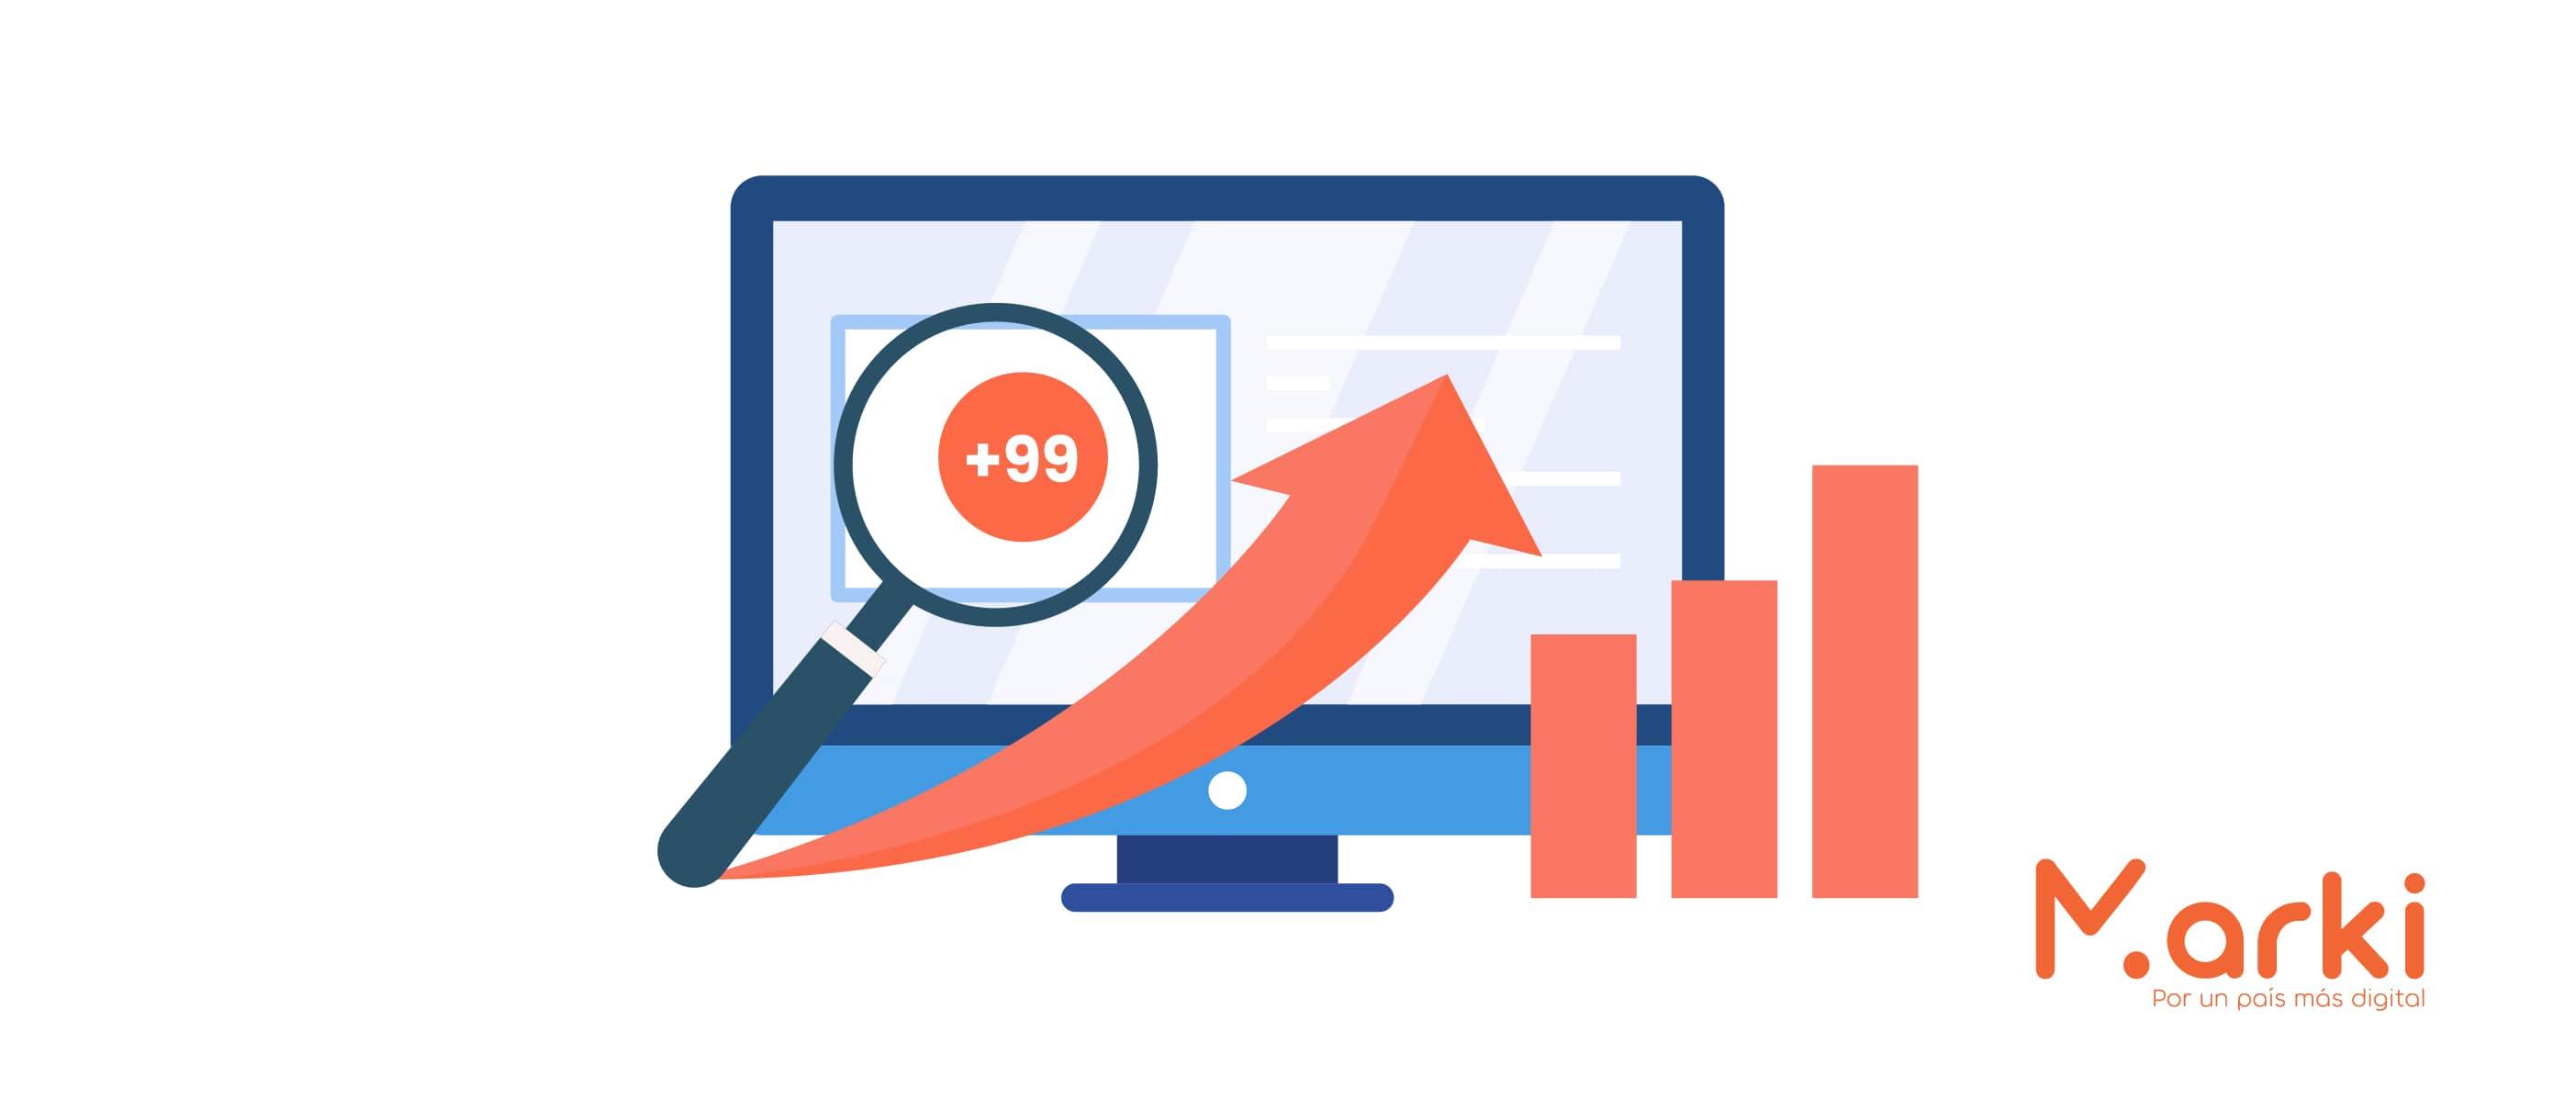 ikea seo seo que es y como funciona seo como funciona mejorar posicionamiento web que significa seo en marketing digital como funciona el seo marki diseño marki voluntariado marki